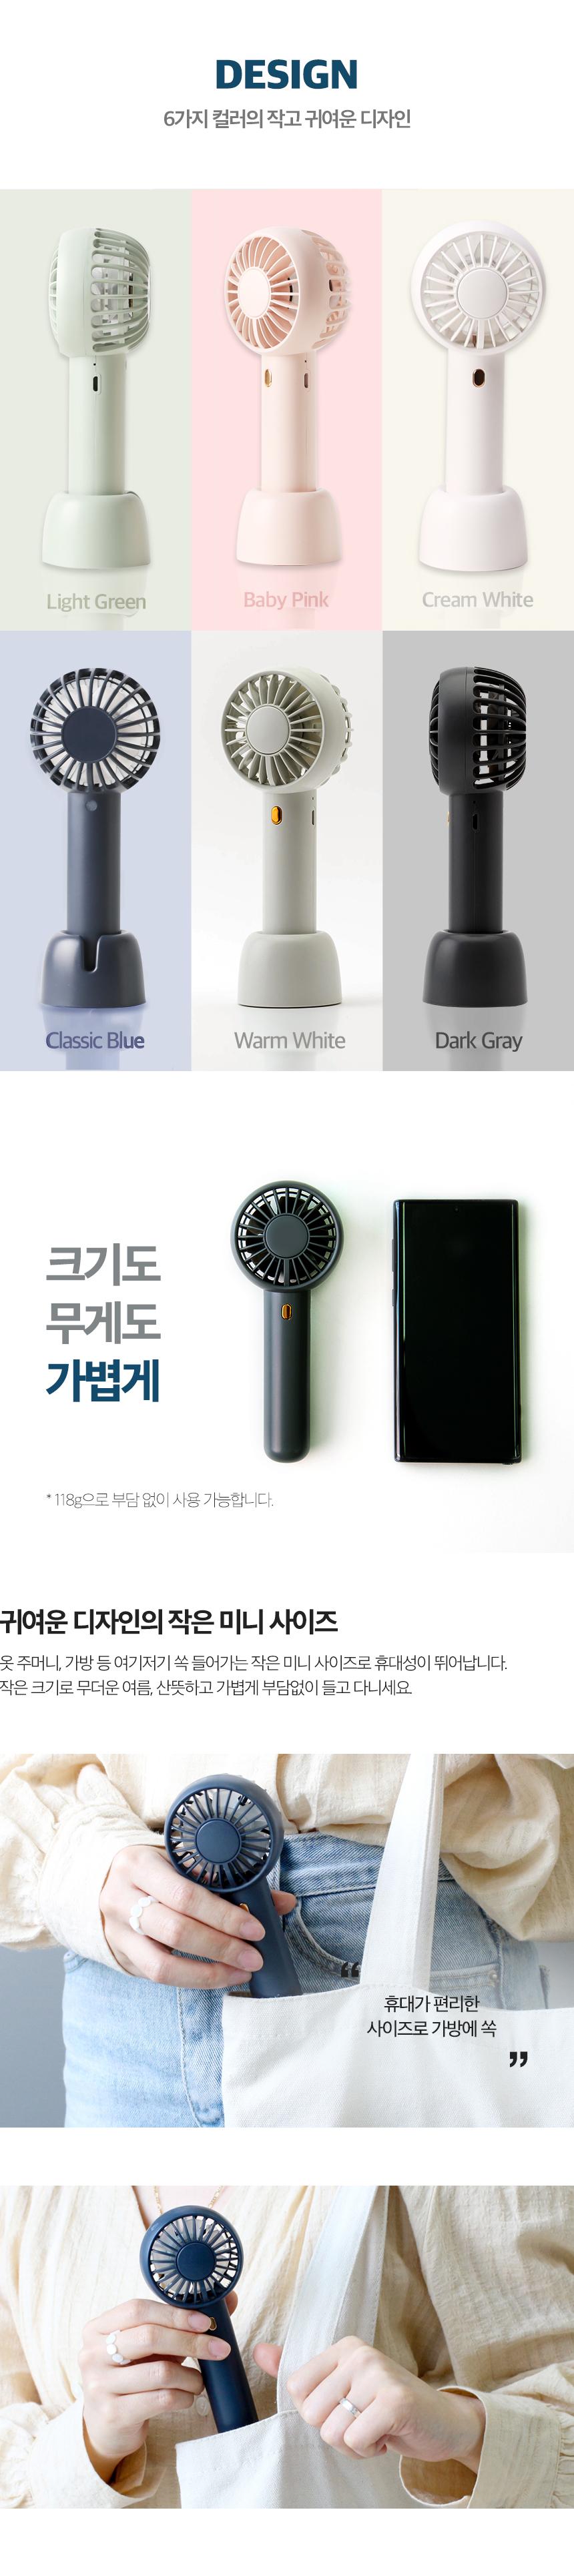 단순생활 저소음 휴대용 미니 더블팬 선풍기 - 단순생활, 24,000원, USB 계절가전, 선풍기